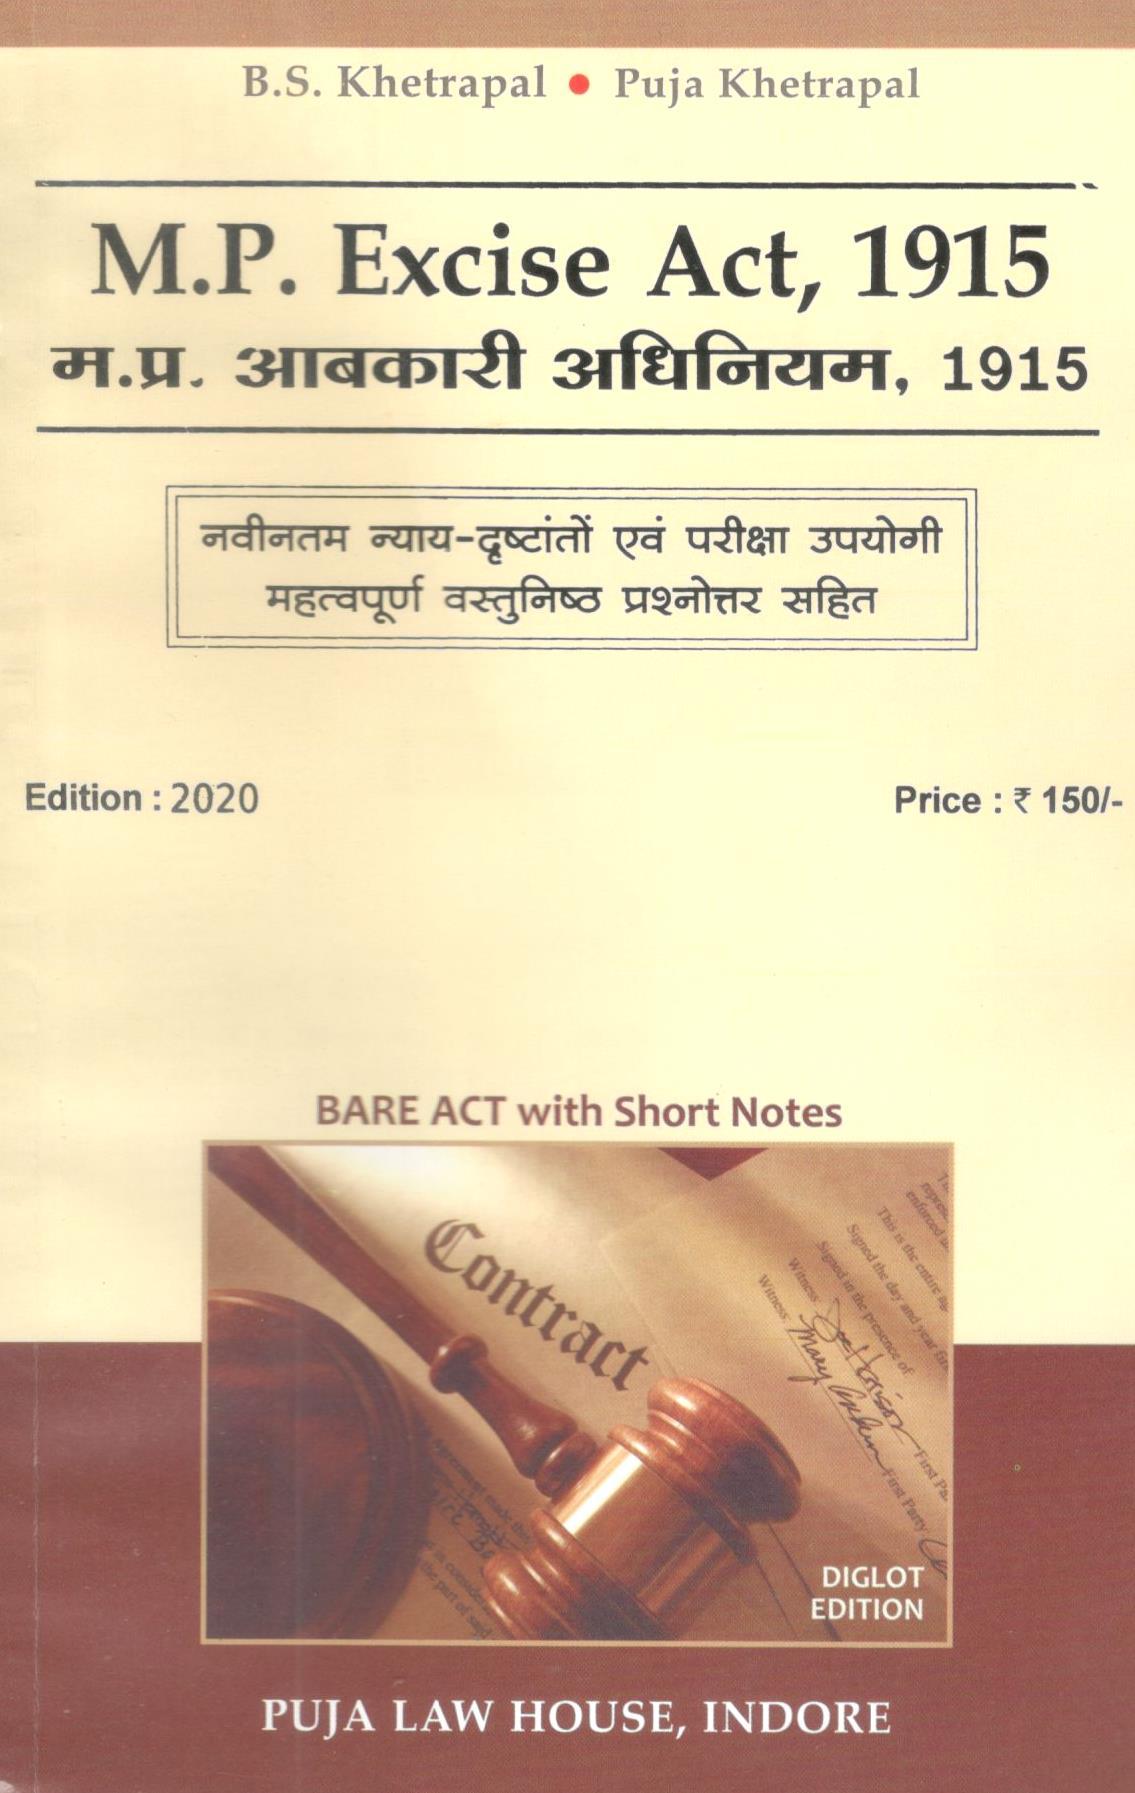 मध्य प्रदेश आबकारी अधिनियम, 1915 / Madhya Pradesh Excise Act, 1915